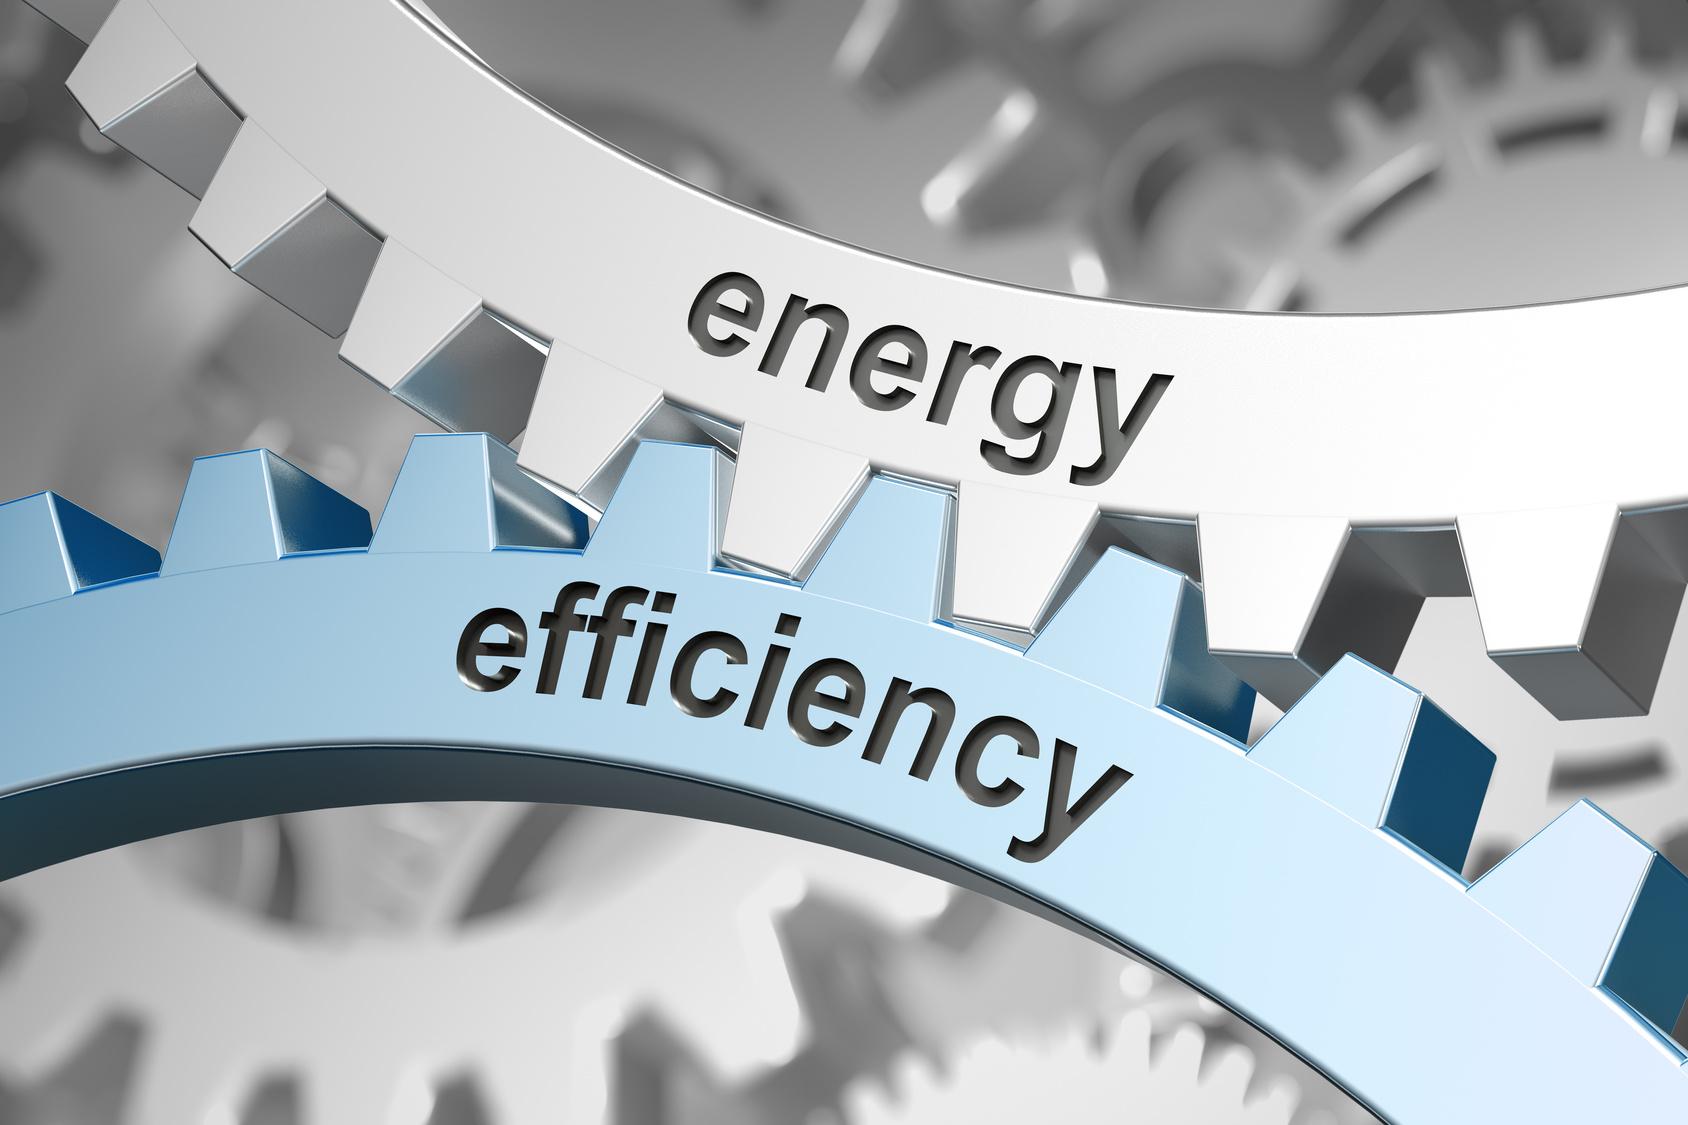 Objectifs; Efficacité énergétique